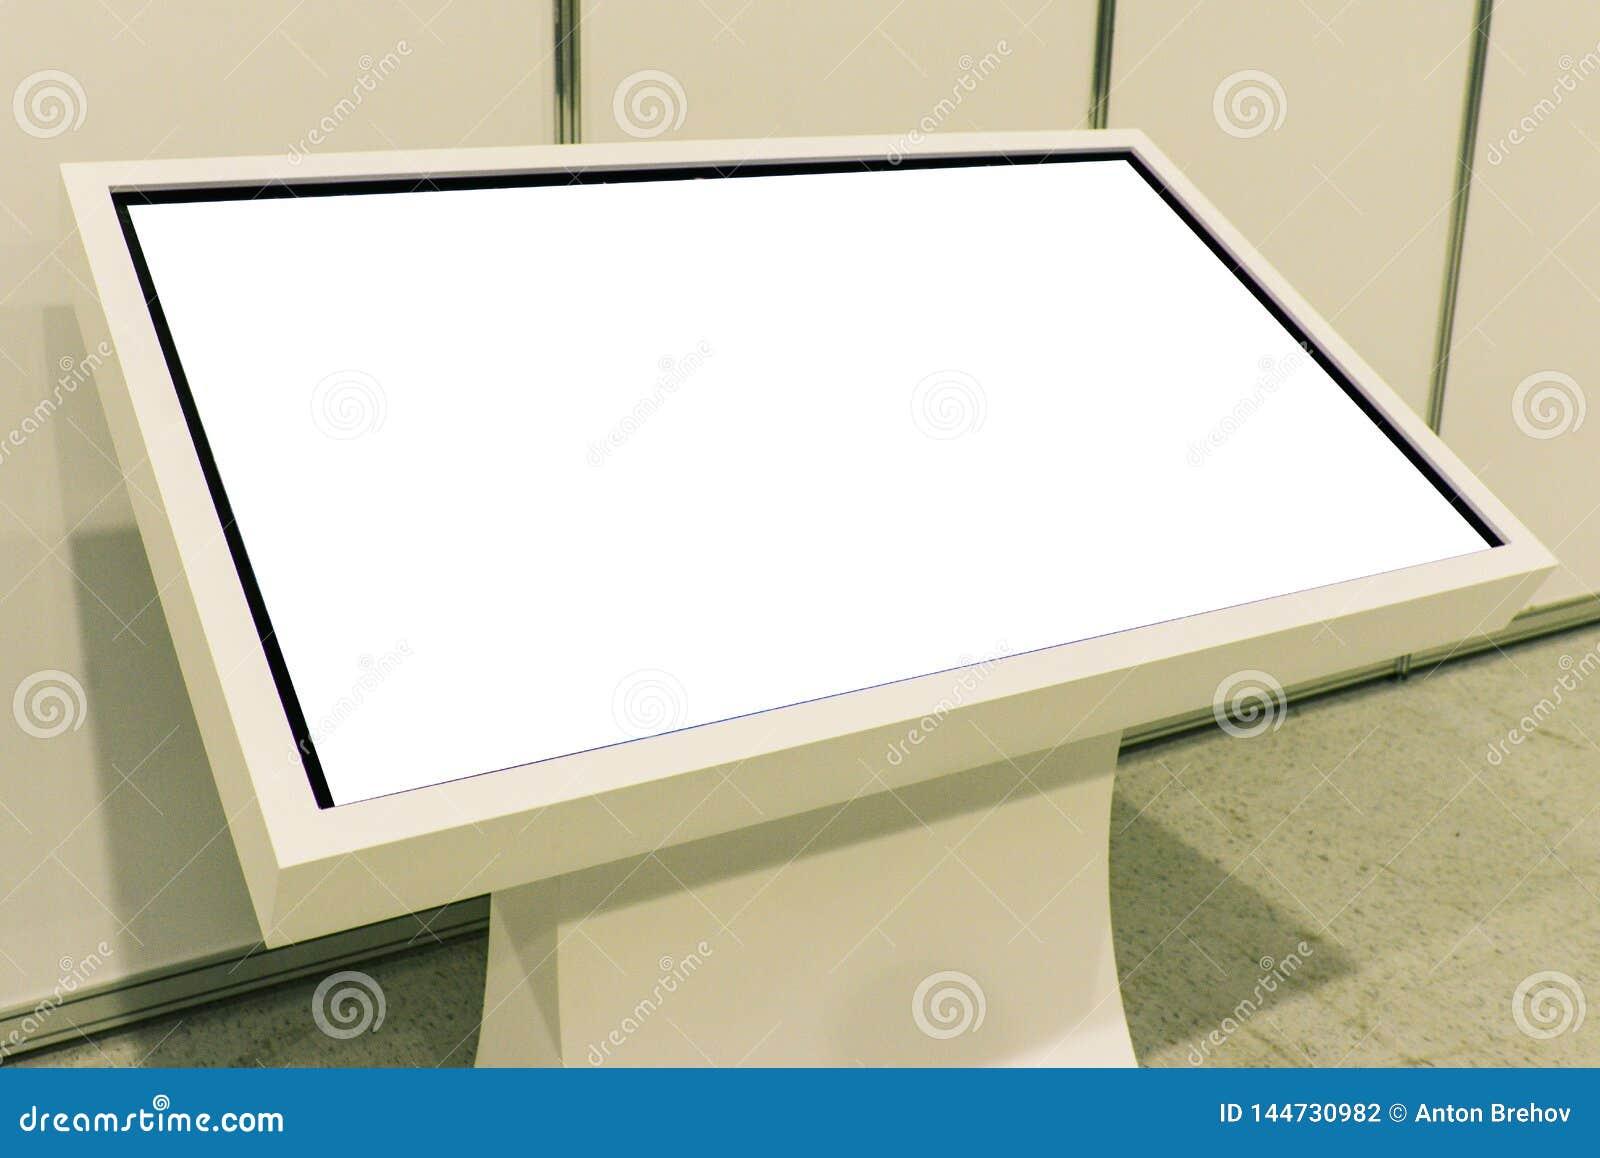 Publicidad del soporte con LCD TV Para exhibir la información, haciendo publicidad de proyectos Monitor blanco de Putoy con el e